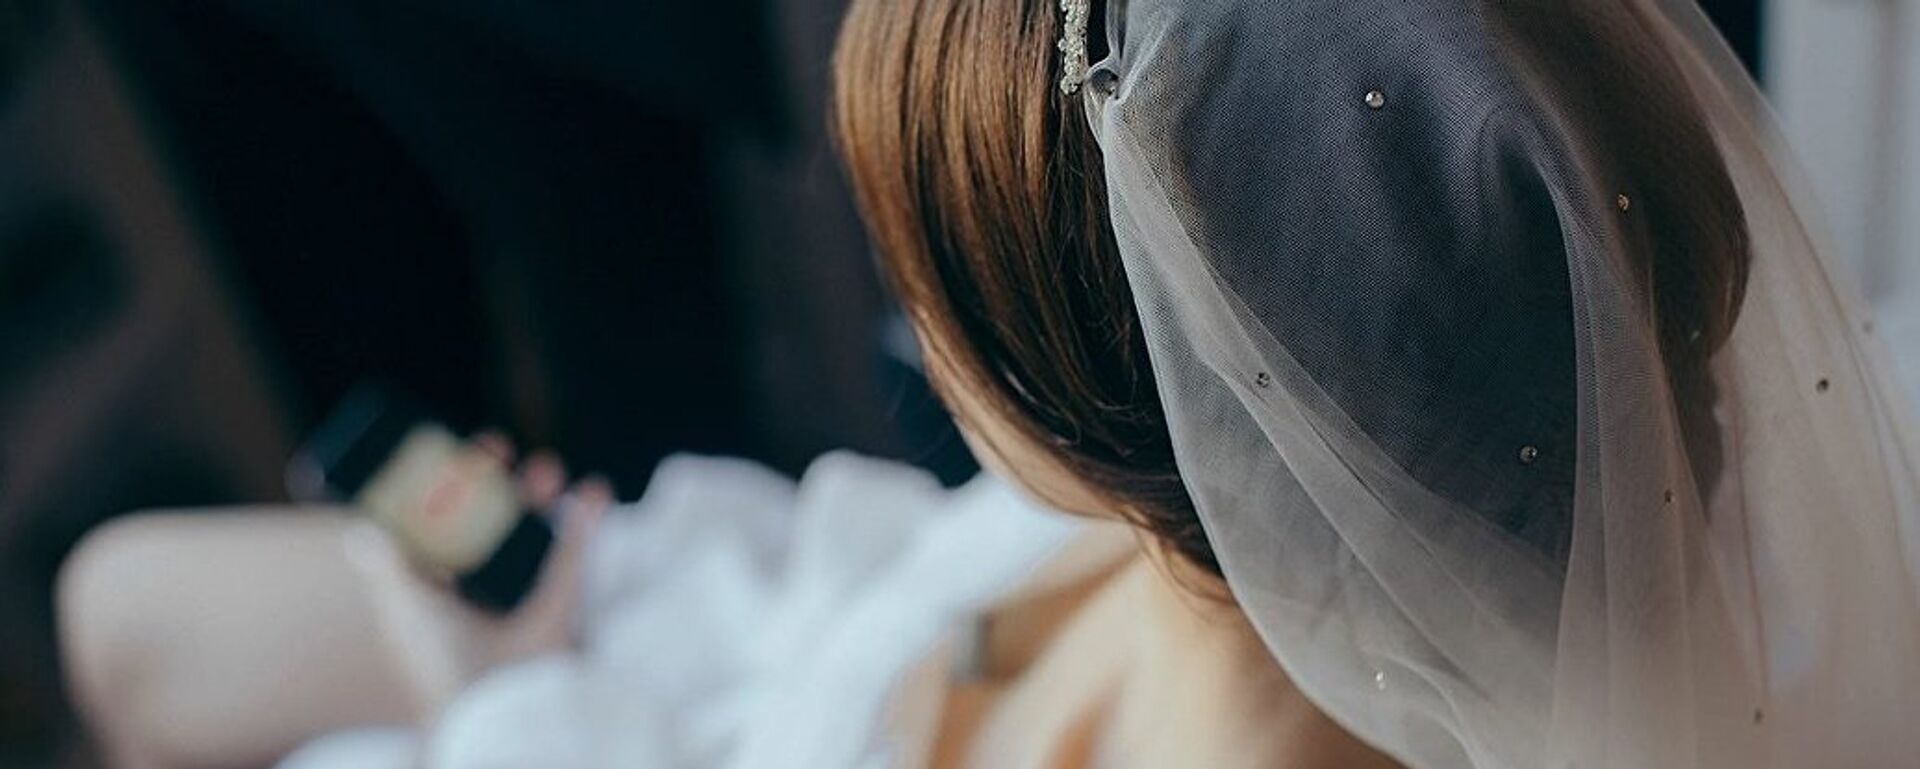 Похищение невест: страшные истории - Sputnik Таджикистан, 1920, 23.07.2018